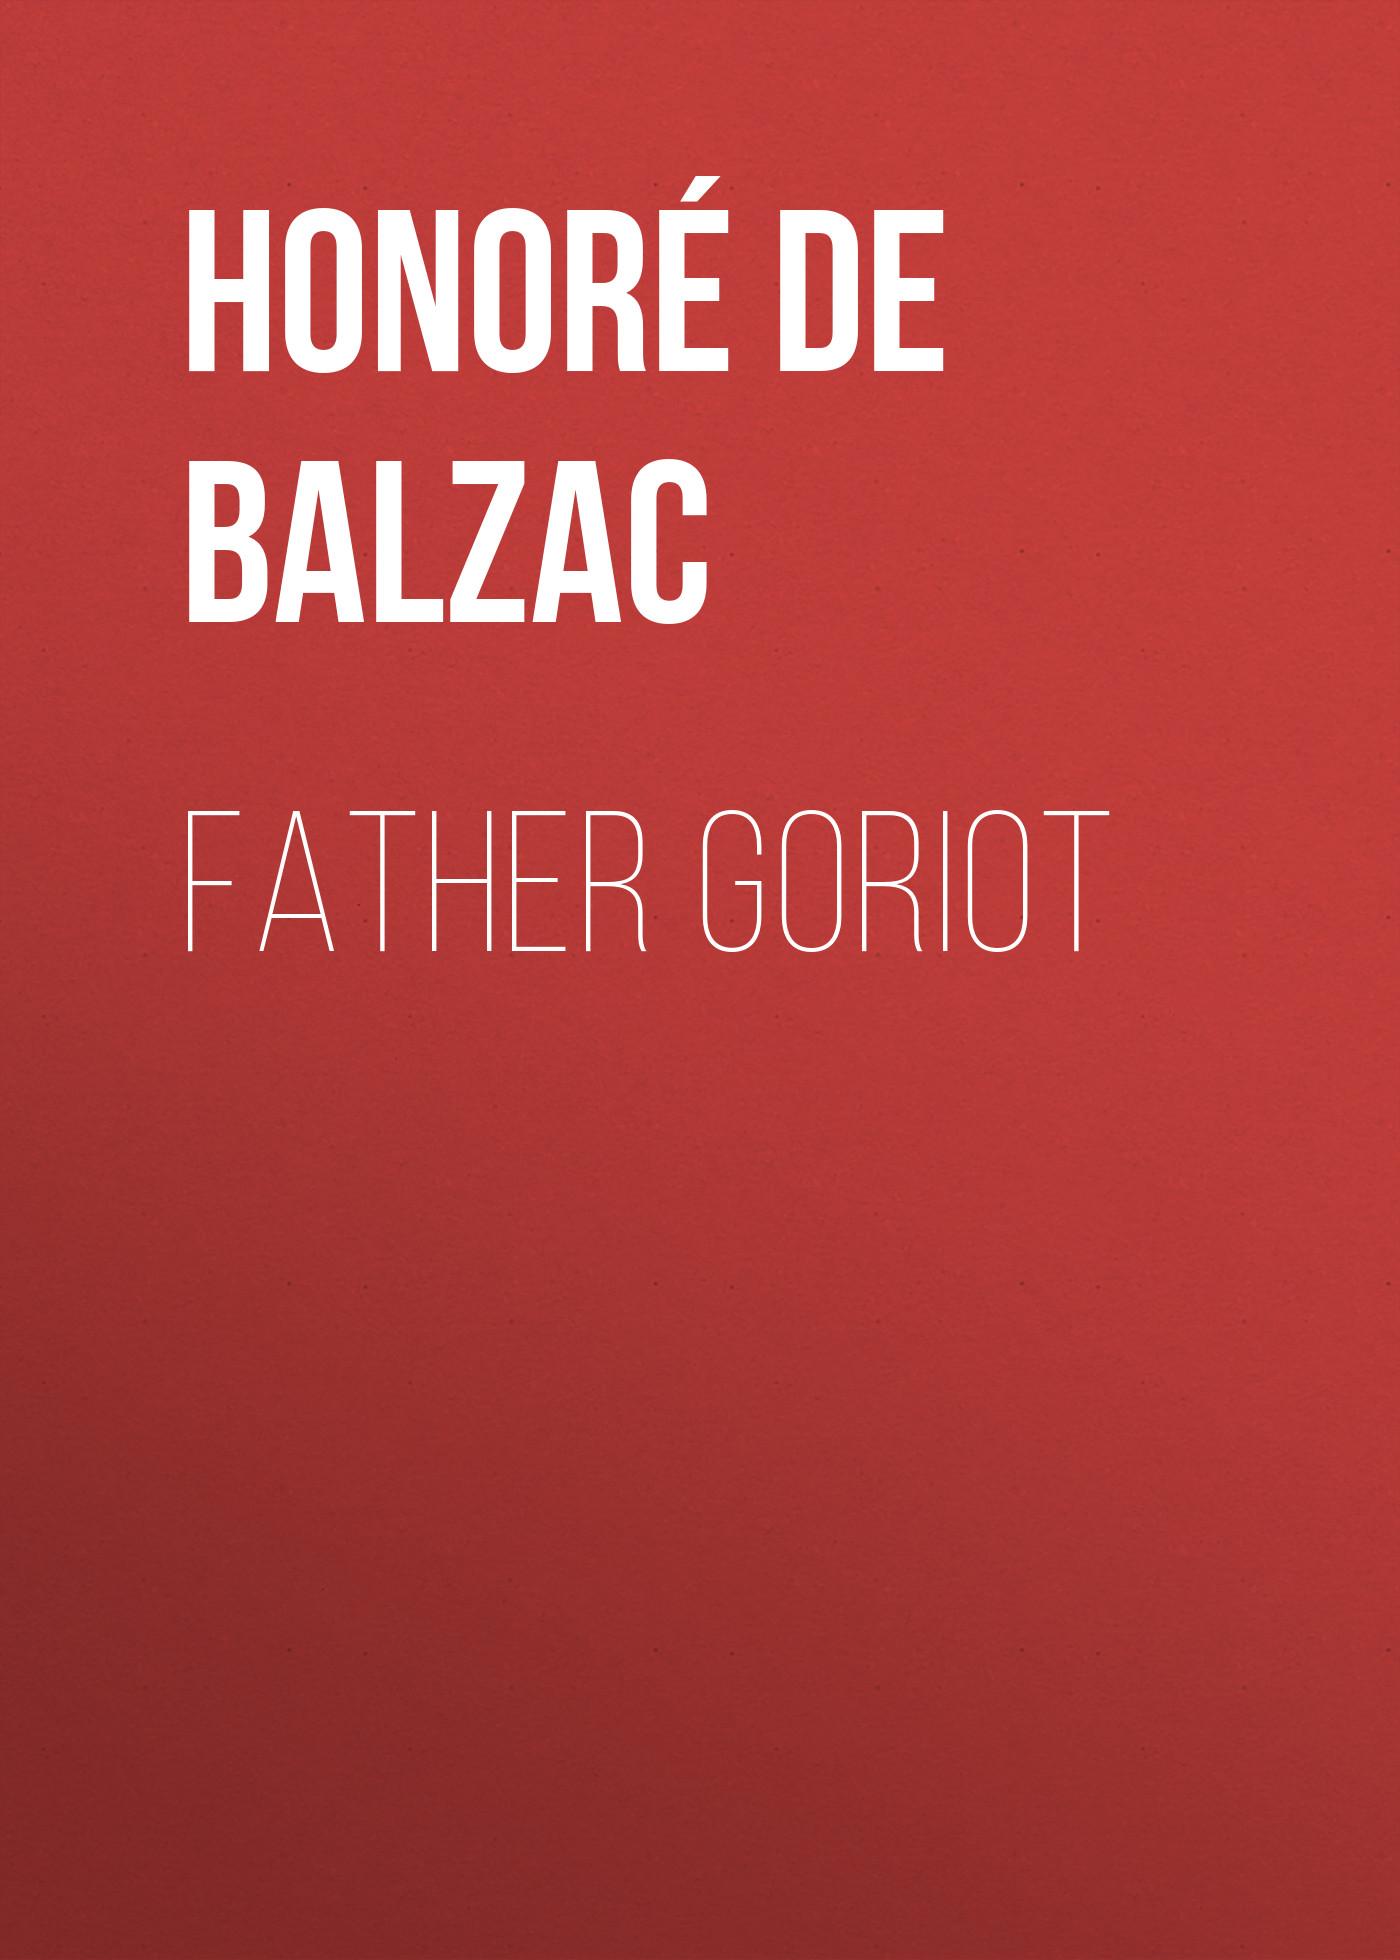 цена Оноре де Бальзак Father Goriot